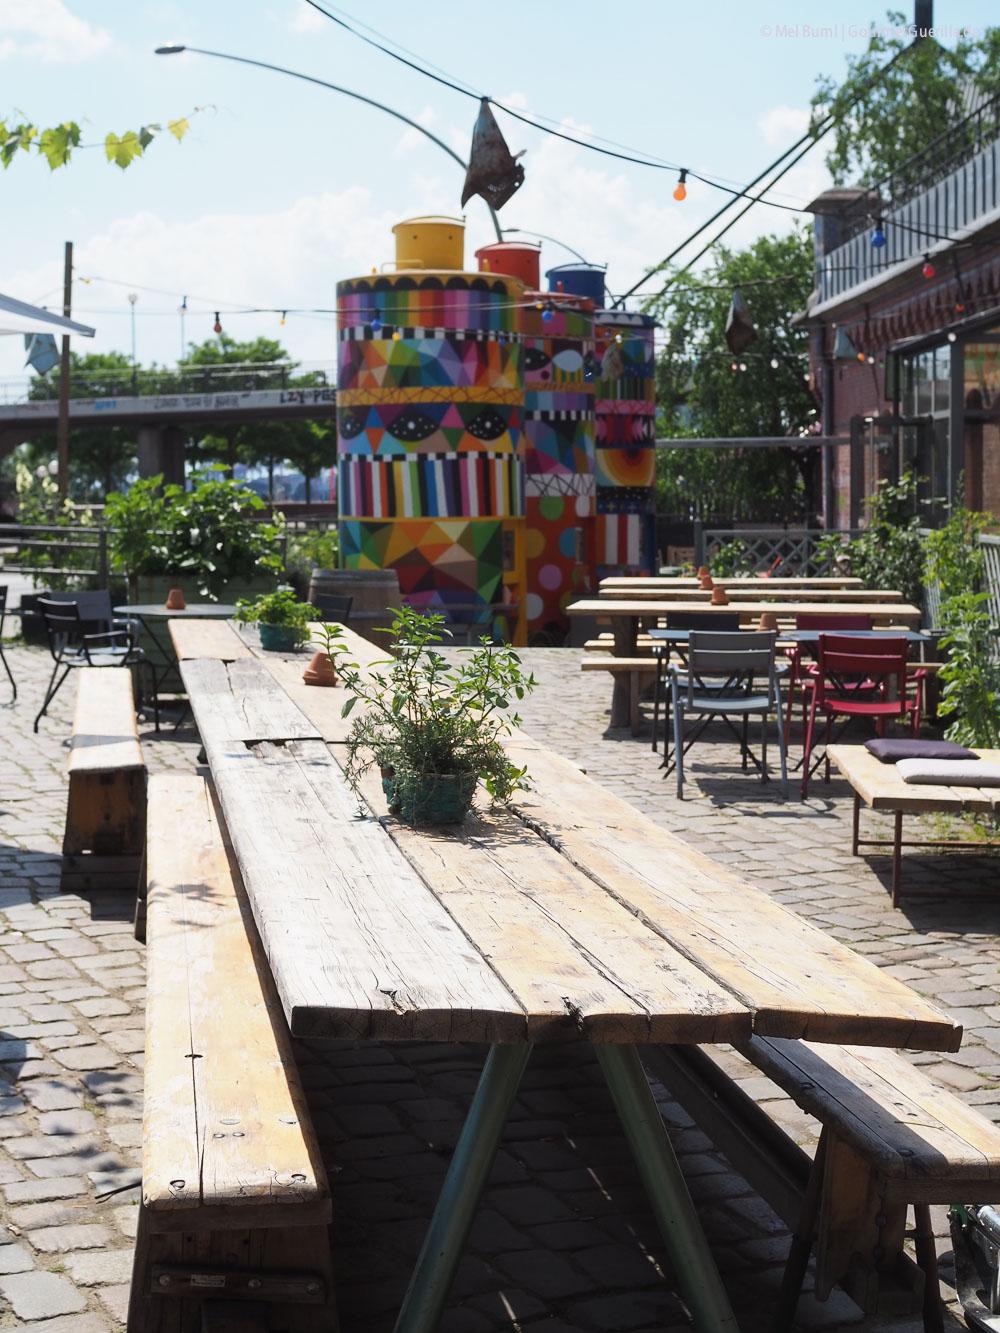 Überquell Micro Brewery, Biergarten und Pizzeria in Hamburg St. Pauli |GourmetGuerilla.de